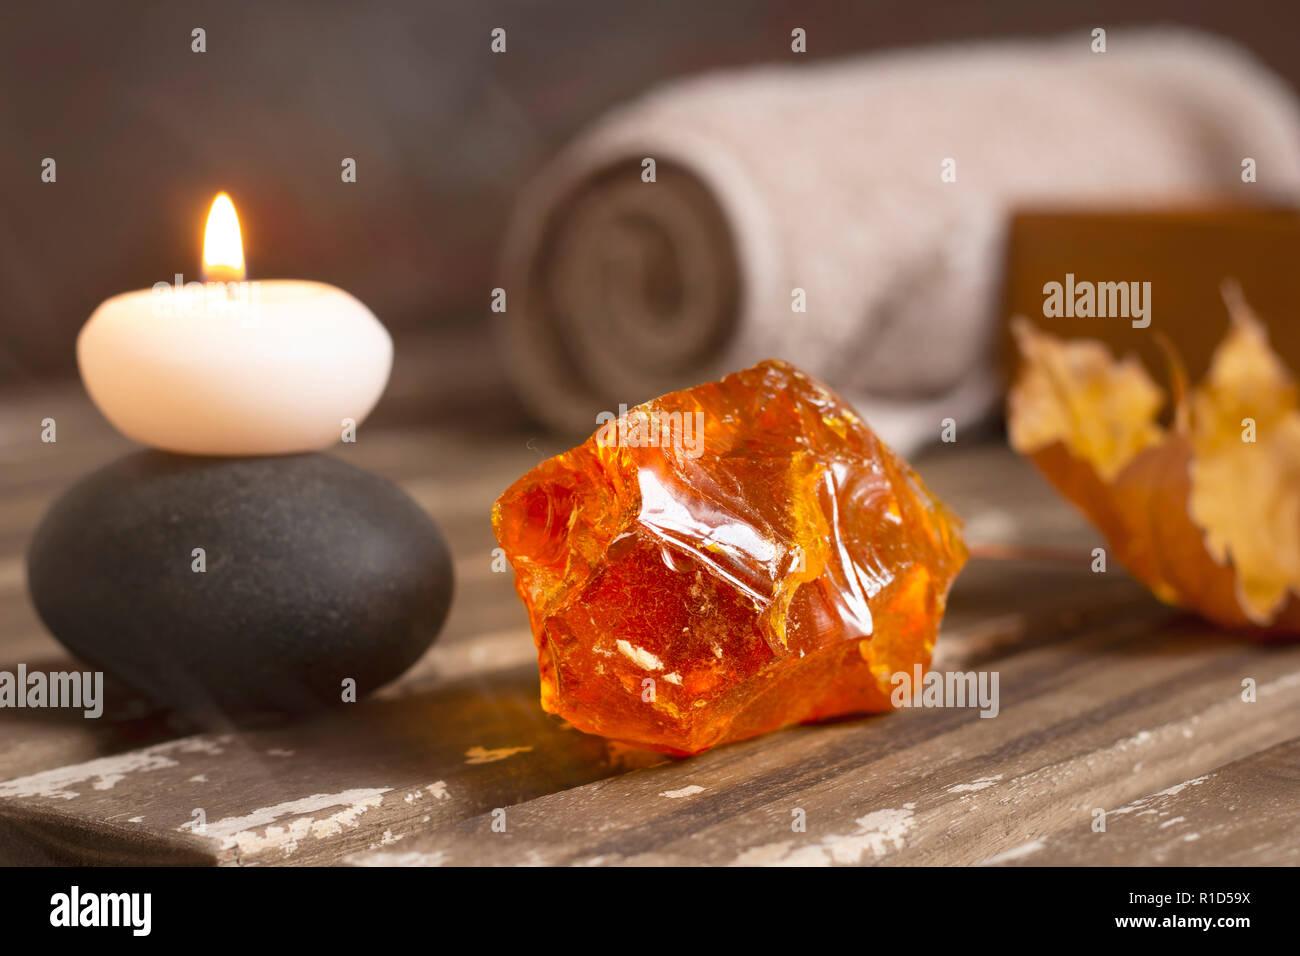 burning candle closeup - Stock Image